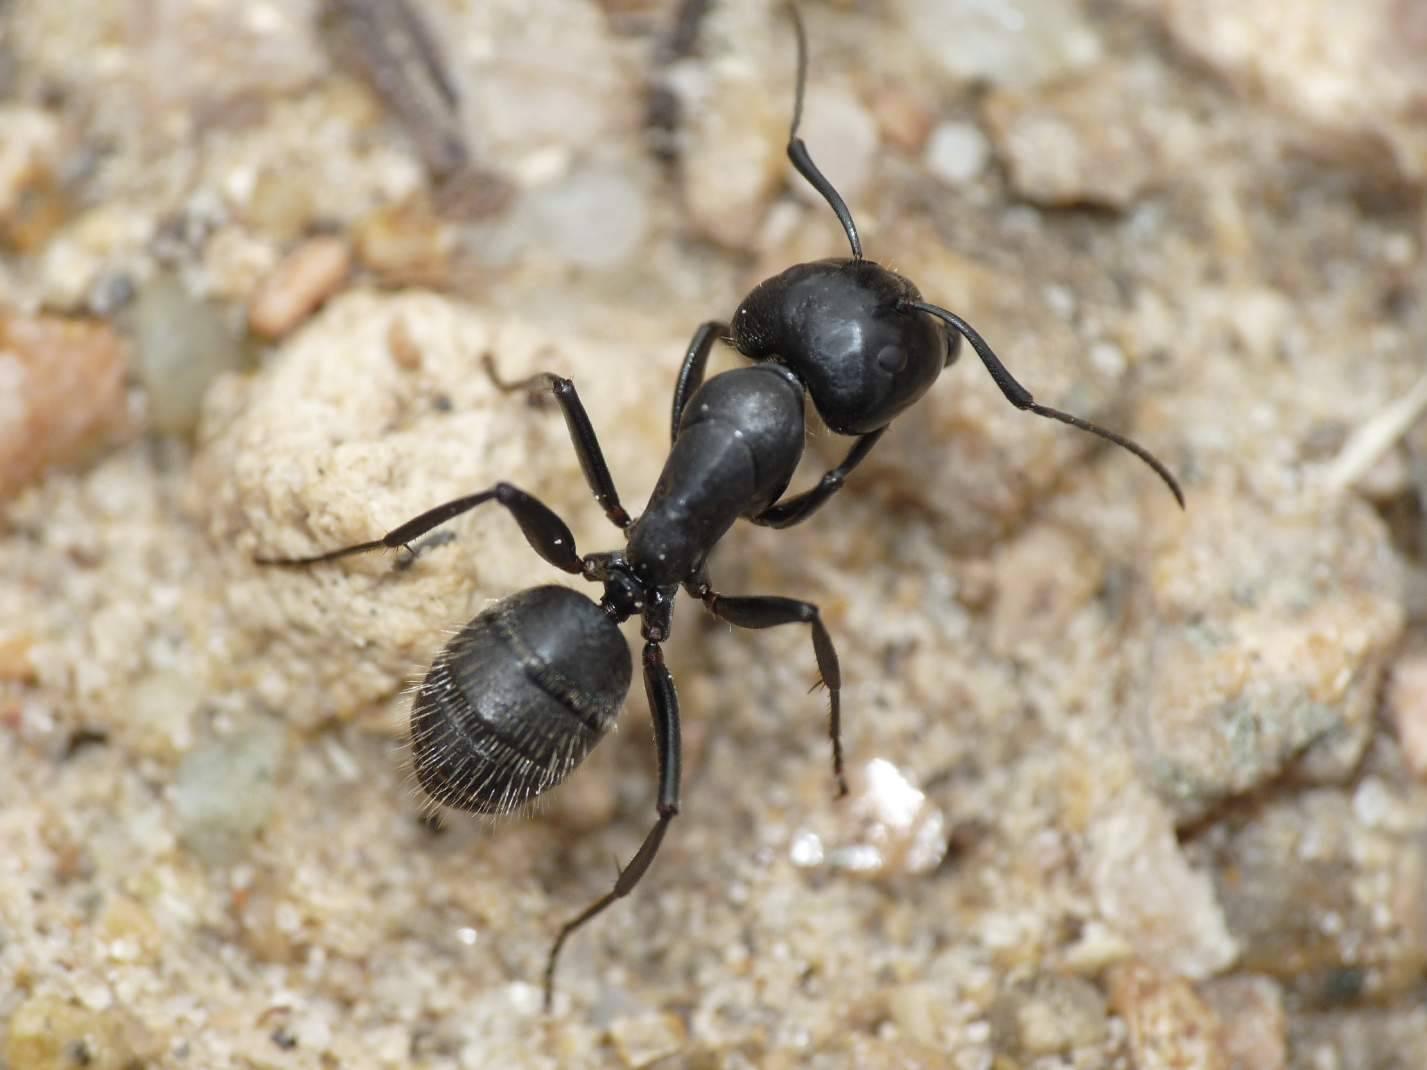 Черный муравей: как вывести из дома и квартиры навсегда, лучшие средства